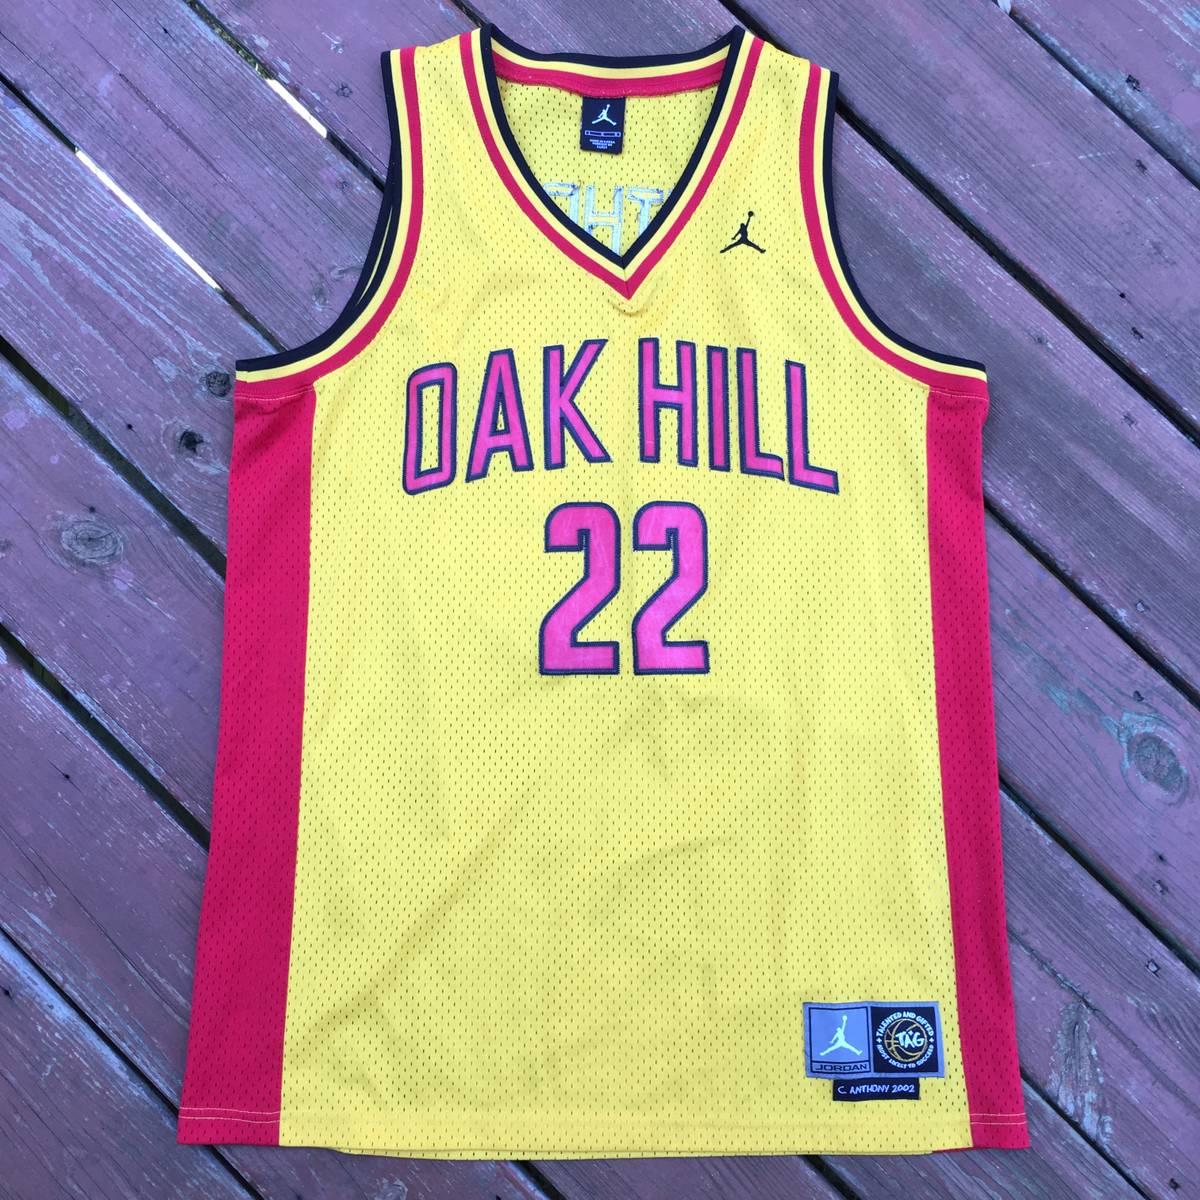 the best attitude bd5d4 ee92b Jordan Brand 2002 Oak Hill Academy